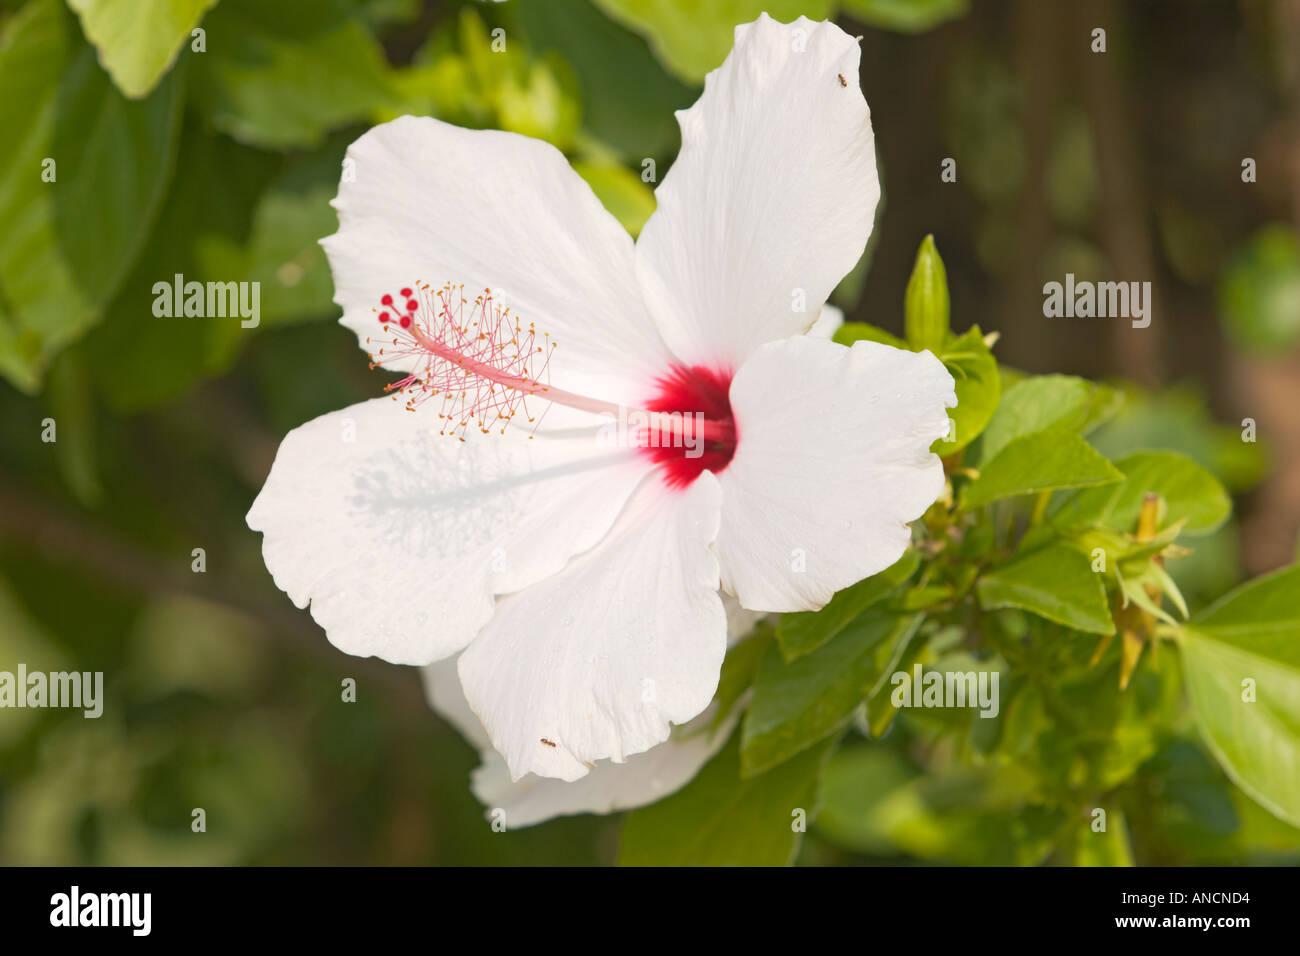 White Hibiscus Flower Scientific Name Hibiscus Rosa Sinensis